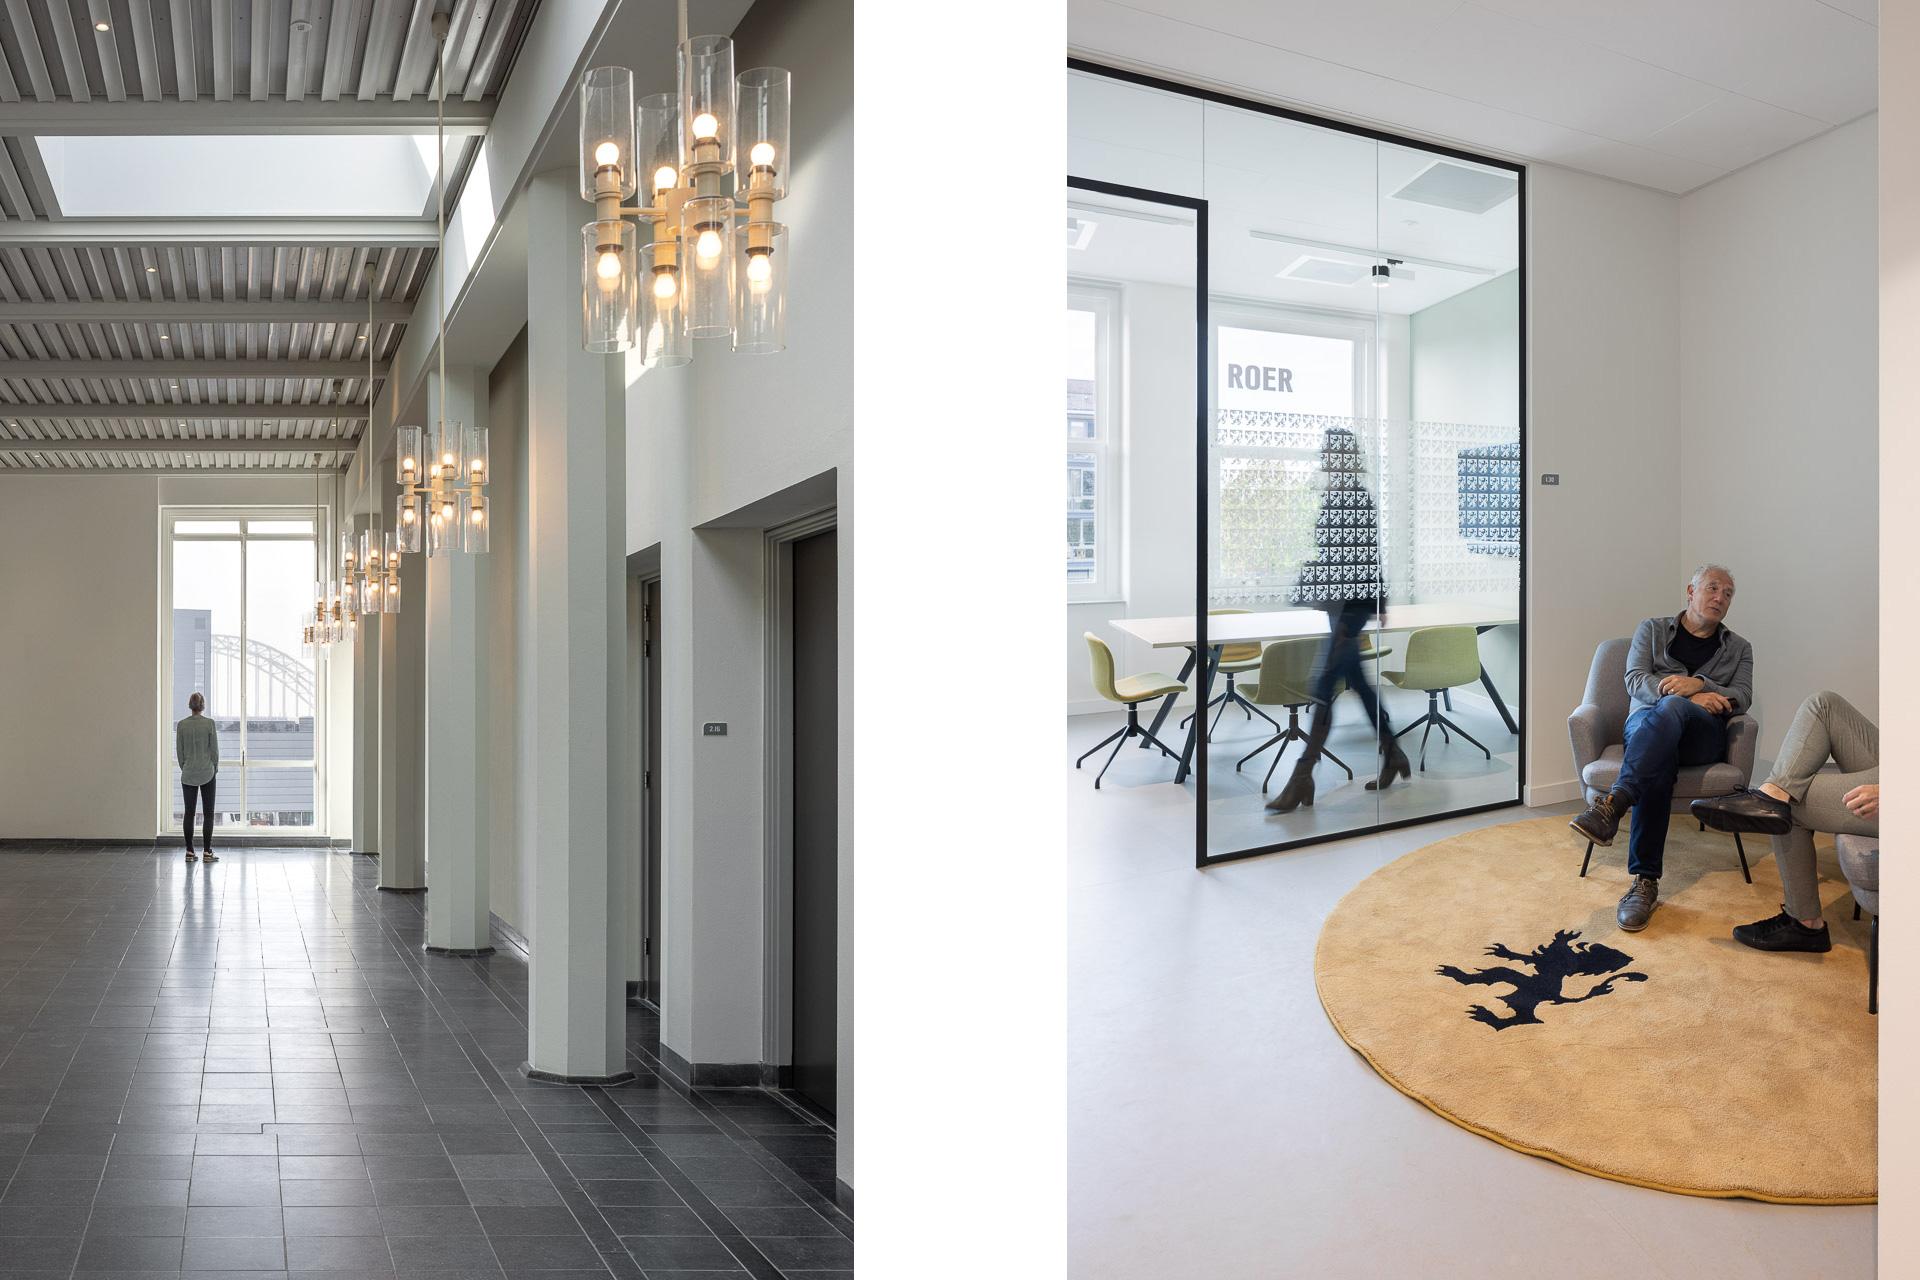 SP2020-Gemeentehuis-Alblasserdam-DP6-Architectuurfoto-interieurfoto-3